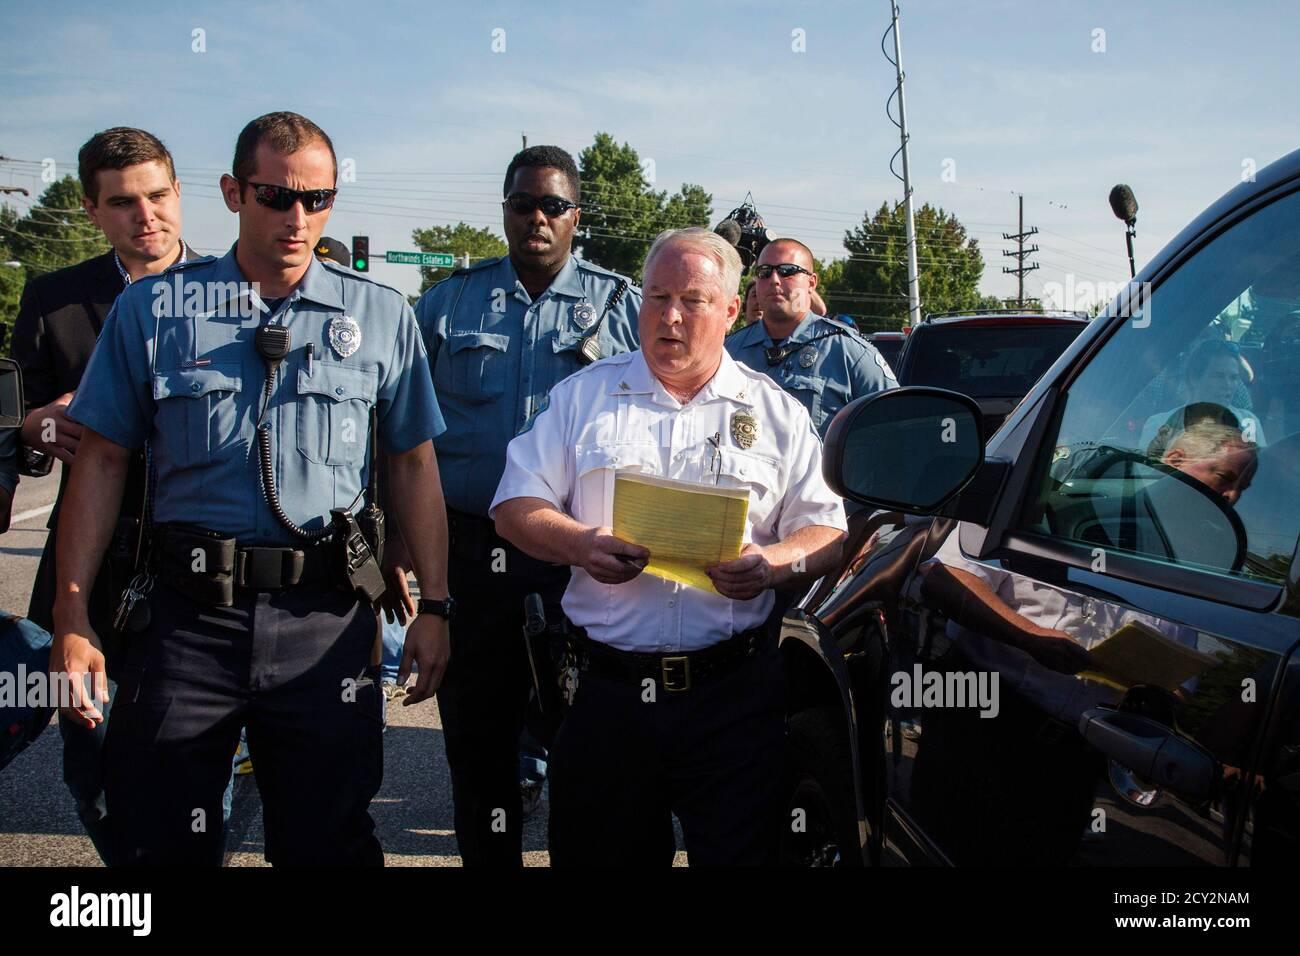 Ferguson Polizeichef Thomas Jackson fährt nach der Bekanntgabe der Namen der Offizier die Erschießung von Michael Brown als Officer Darren Wilson, Ferguson, Missouri 15. August 2014 beteiligt. Das Briefing war in der Nähe einen Supermarkt QuikTrip statt, die inmitten Proteste verbrannt worden war, über die Dreharbeiten von Braun, 18, am vergangenen Samstag. REUTERS/Lucas Jackson (Vereinigte Staaten - Tags: Unruhen Verbrechen Gesetz) Stockfoto